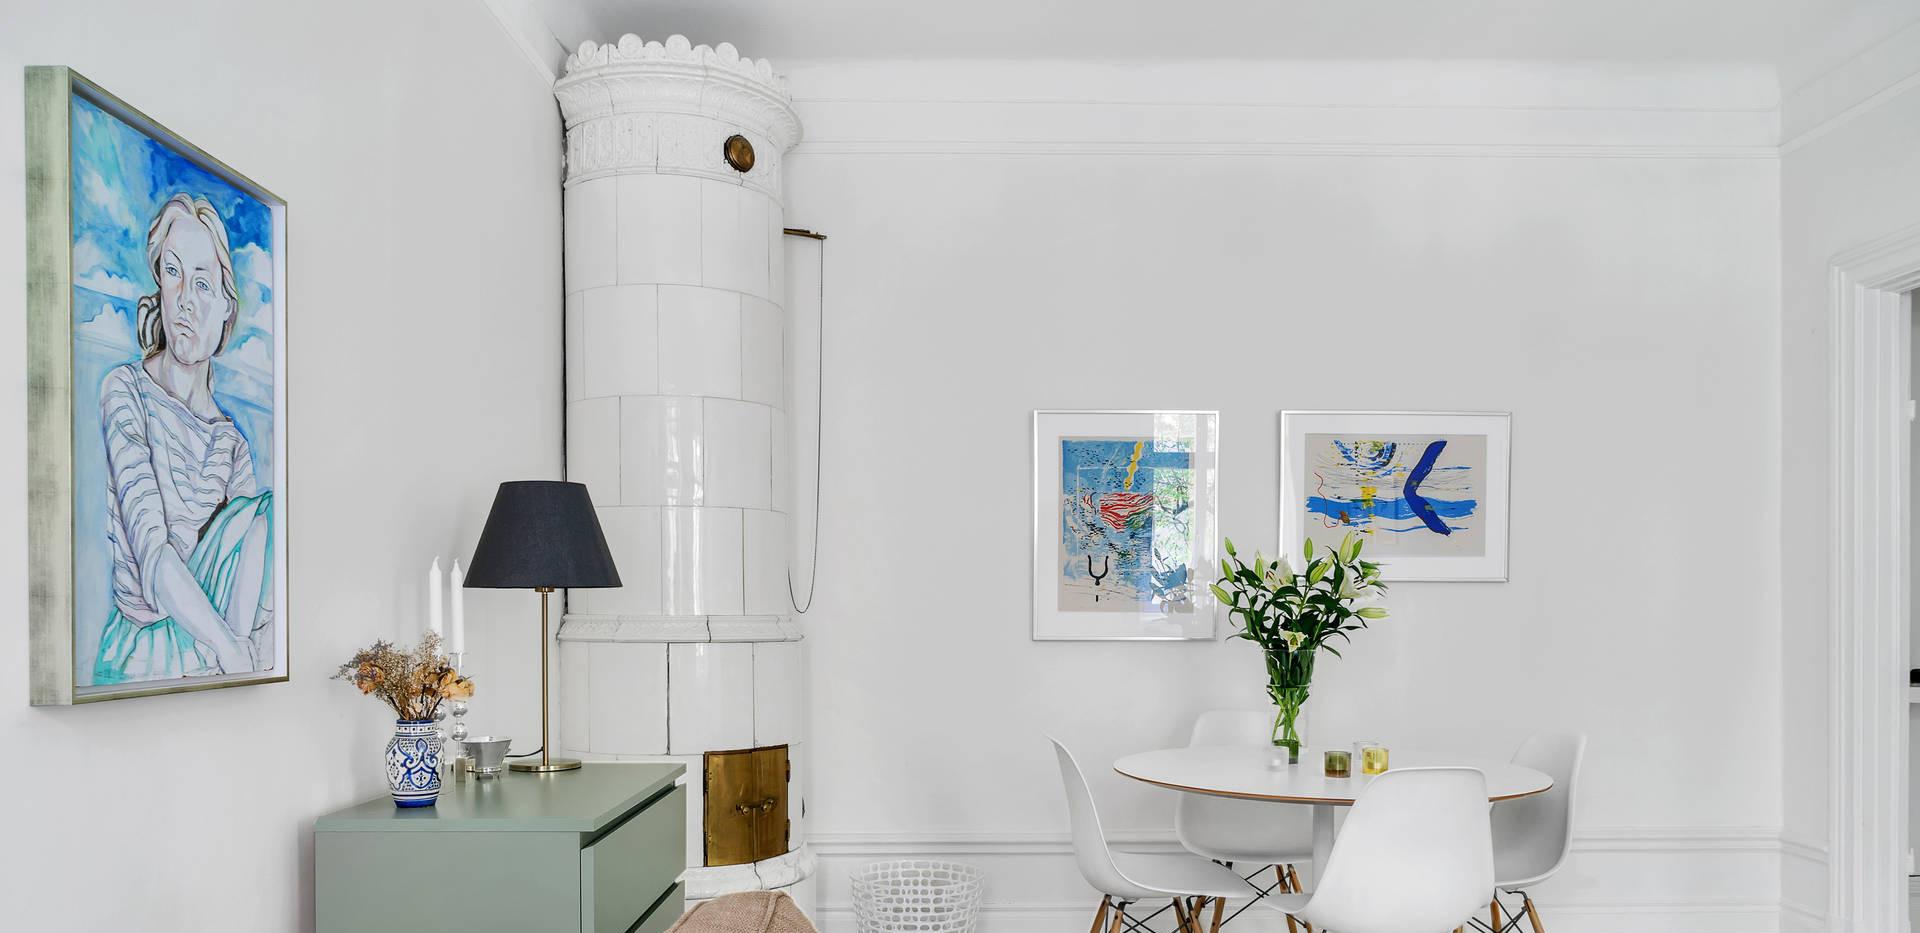 Valhallaavgen 116 Living room 4.jpg